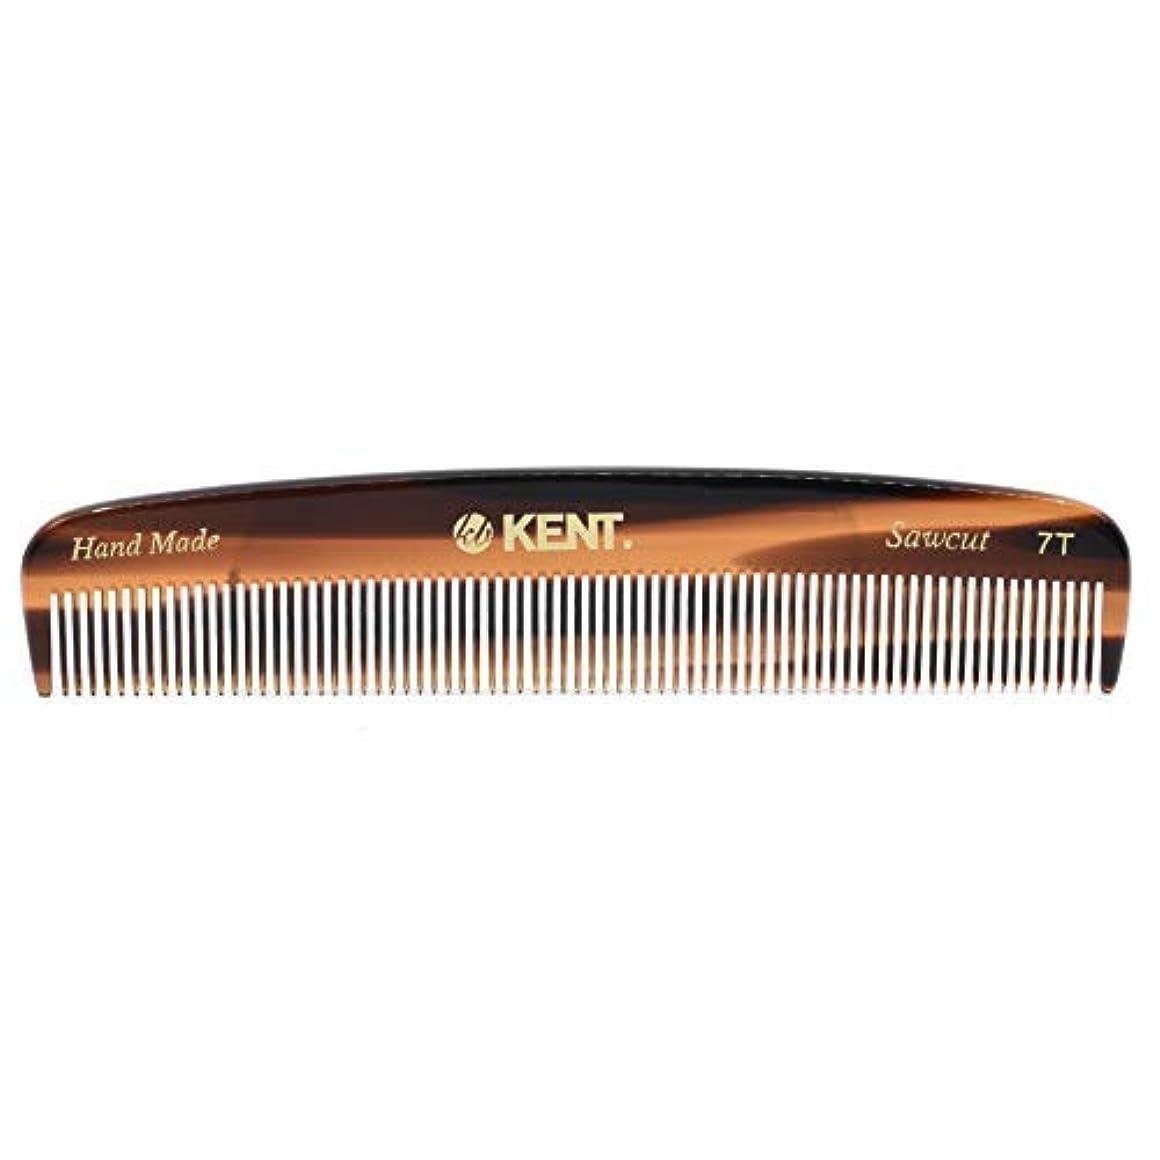 国旗おかしい腹痛Kent 7T - Handmade Fine Teeth Pocket Comb for Men and Women - Cellulose Acetate, Tortoise Shell (5 1/2